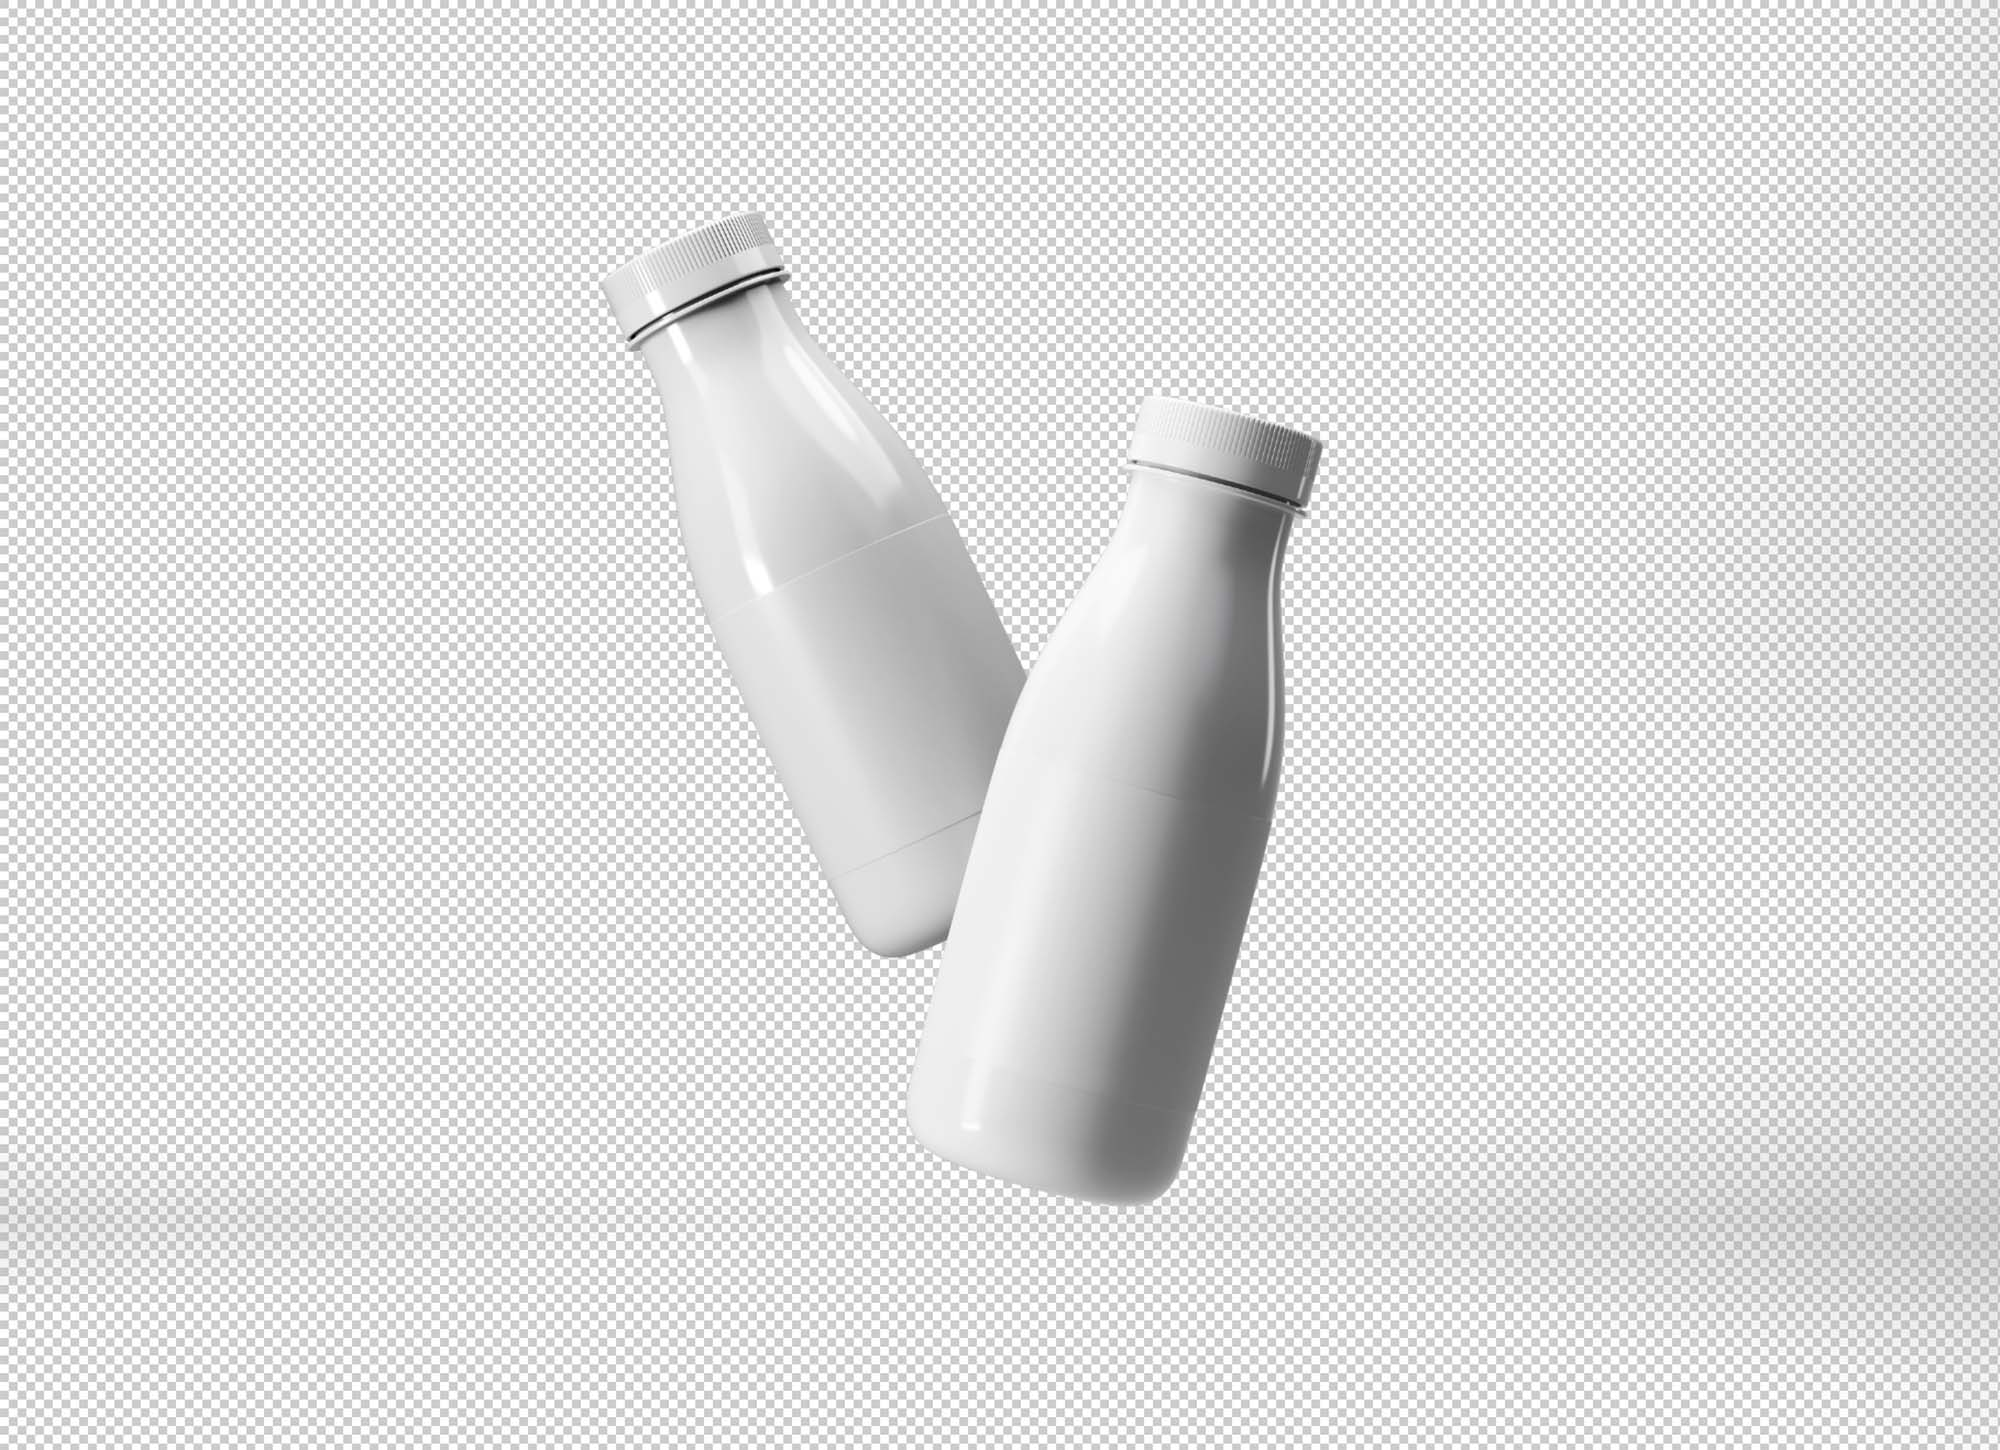 Floating Plastic Bottles Mockup 2